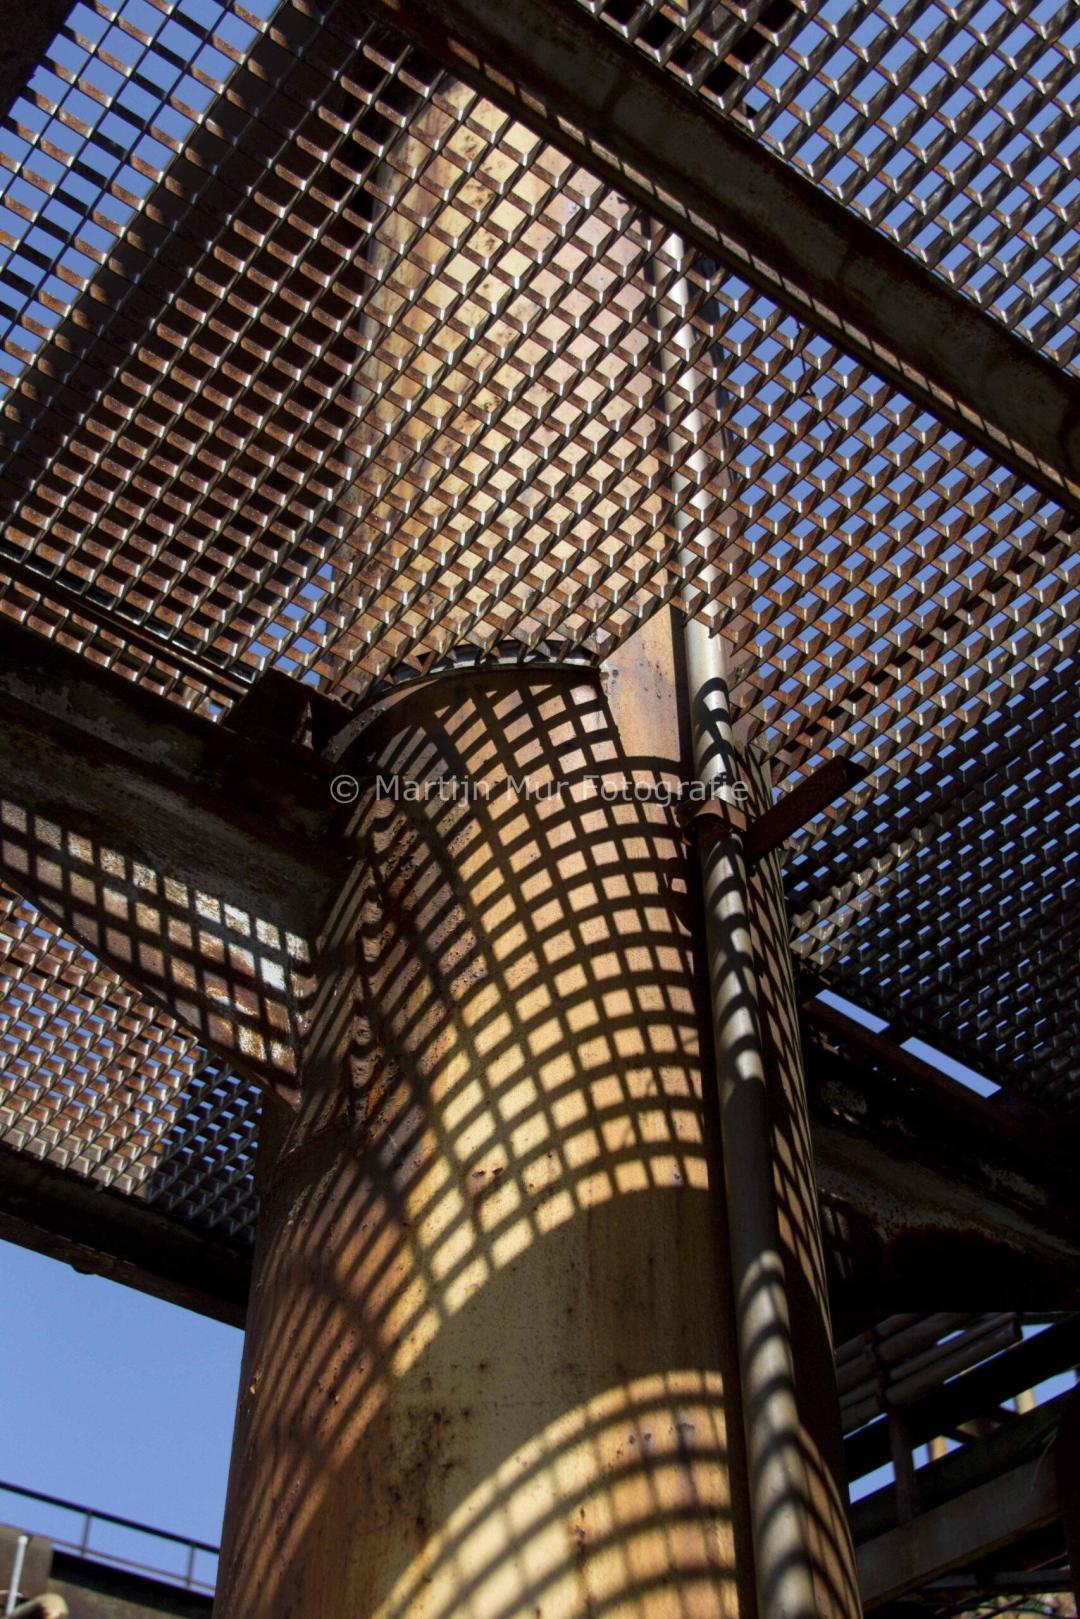 industriële fotografie, schoorsteen met metalen rooster